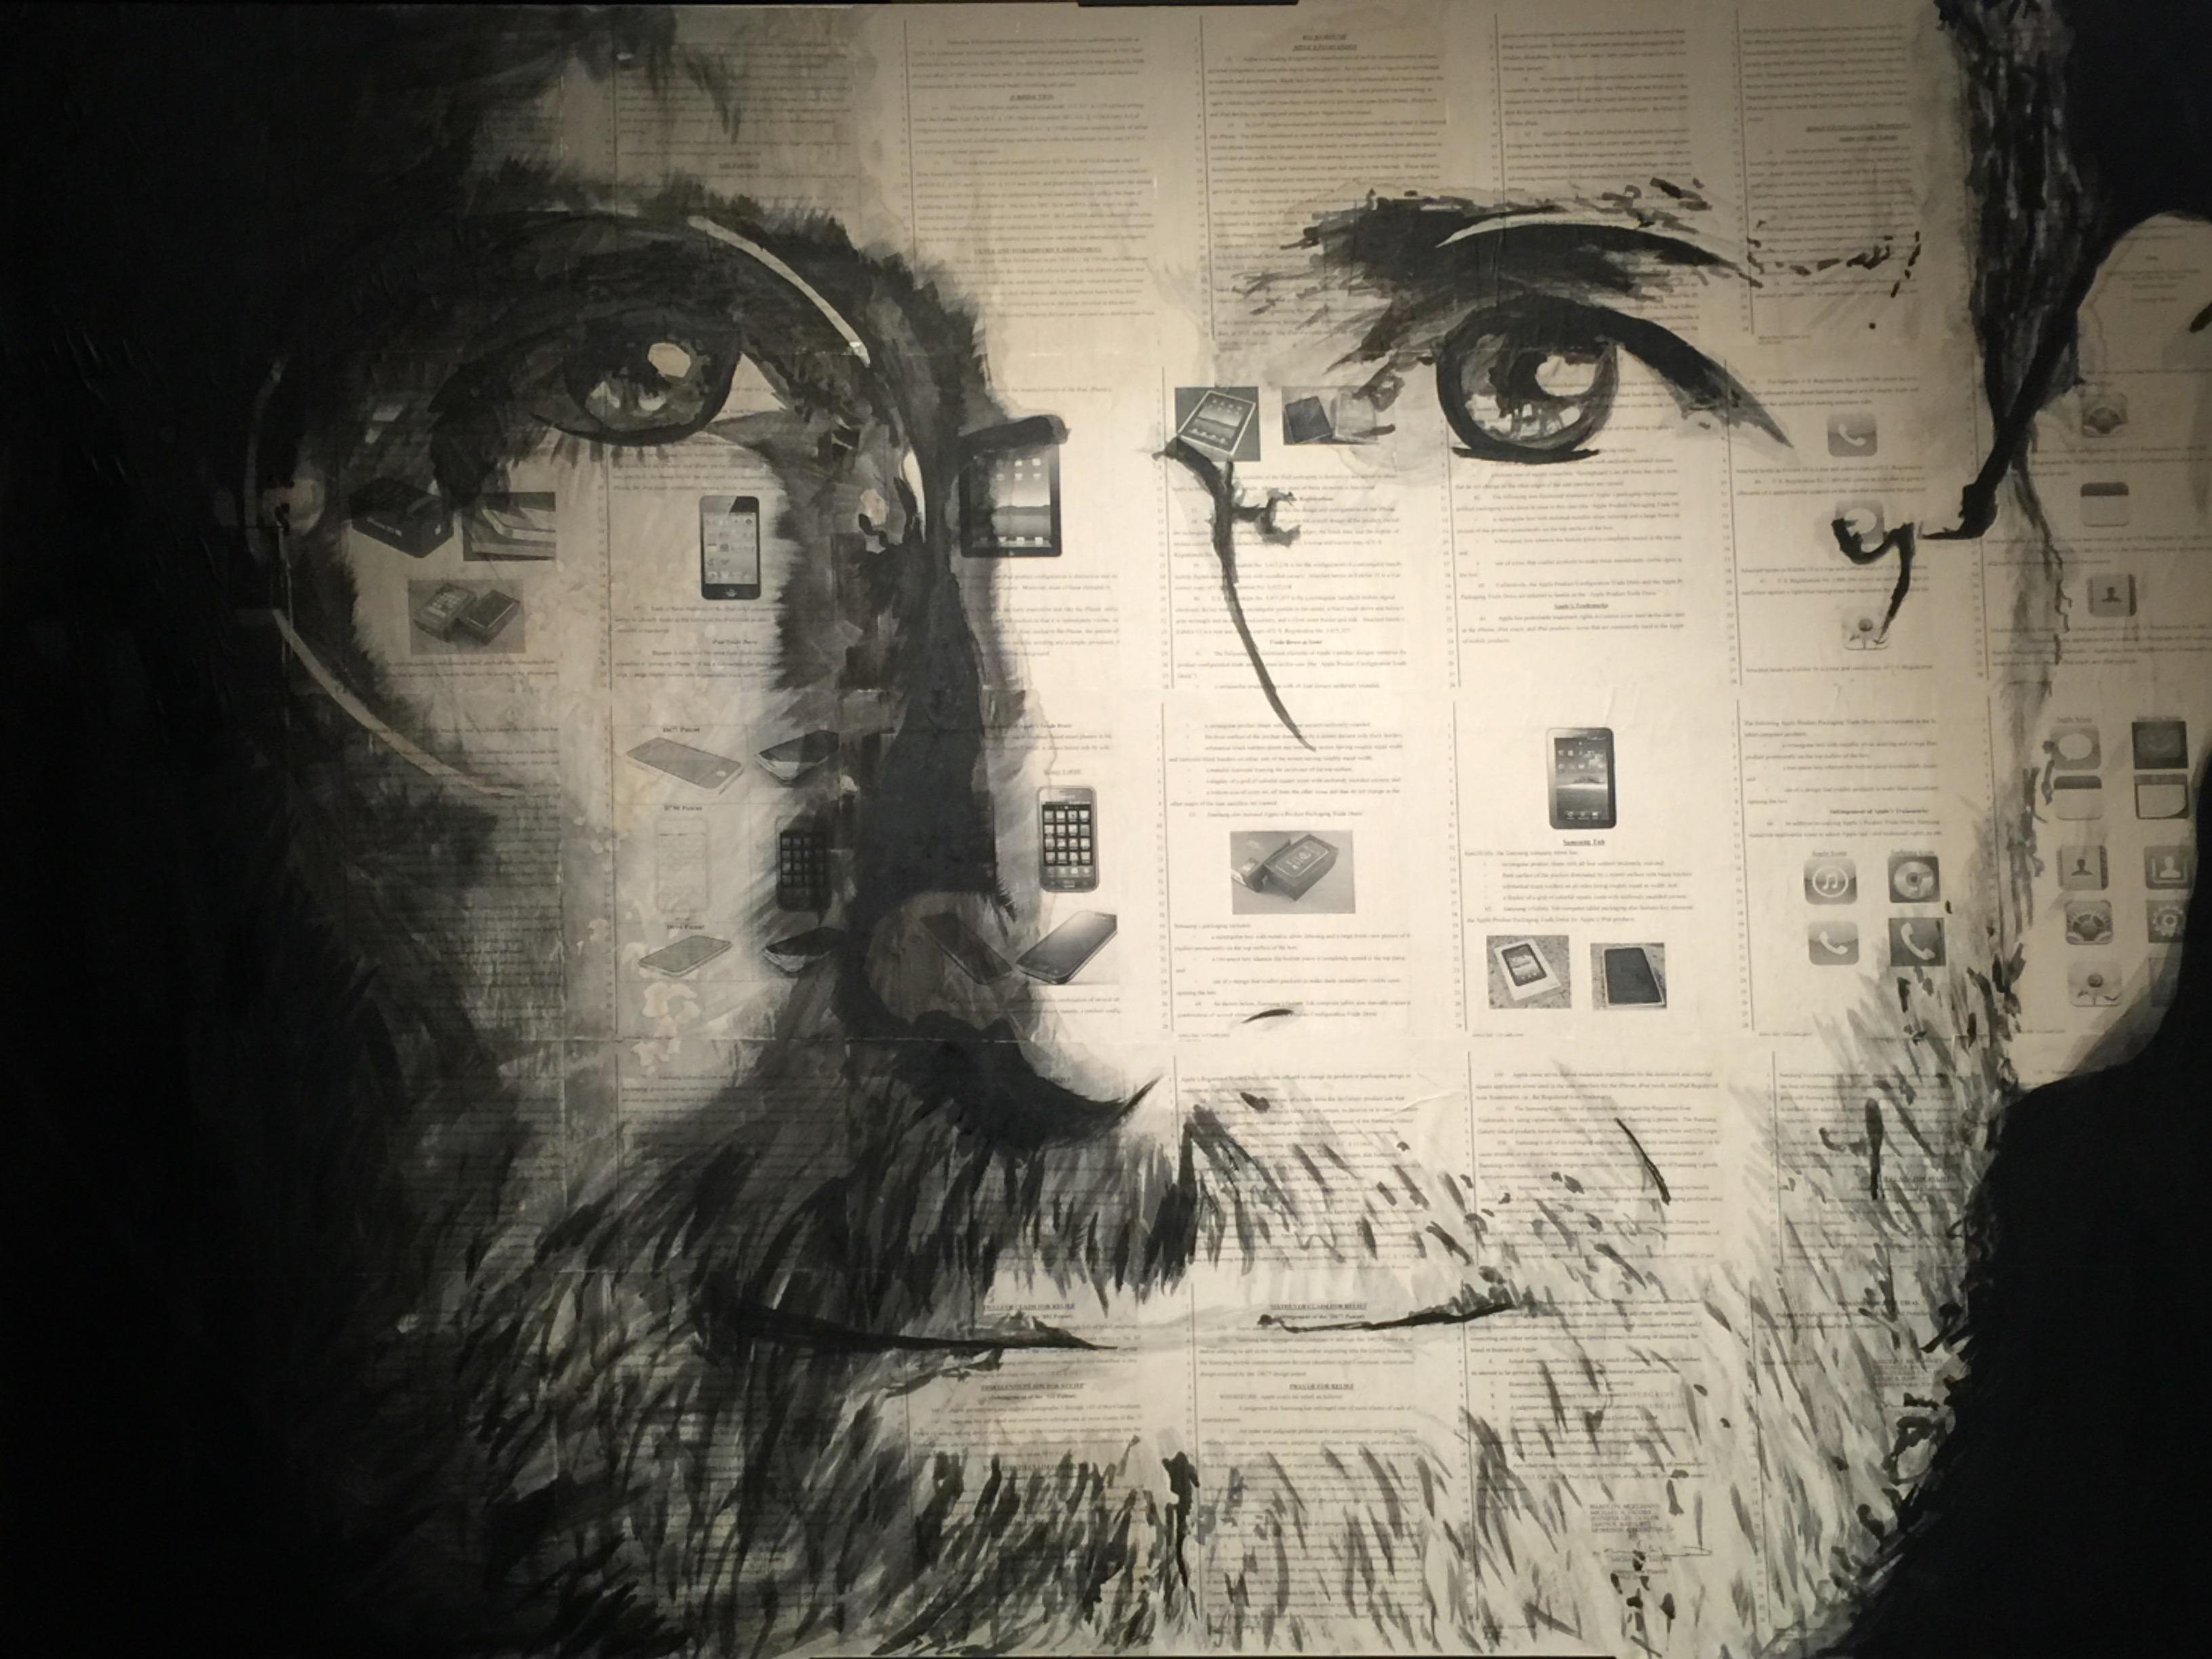 Exhibit 4: Steve Jobs